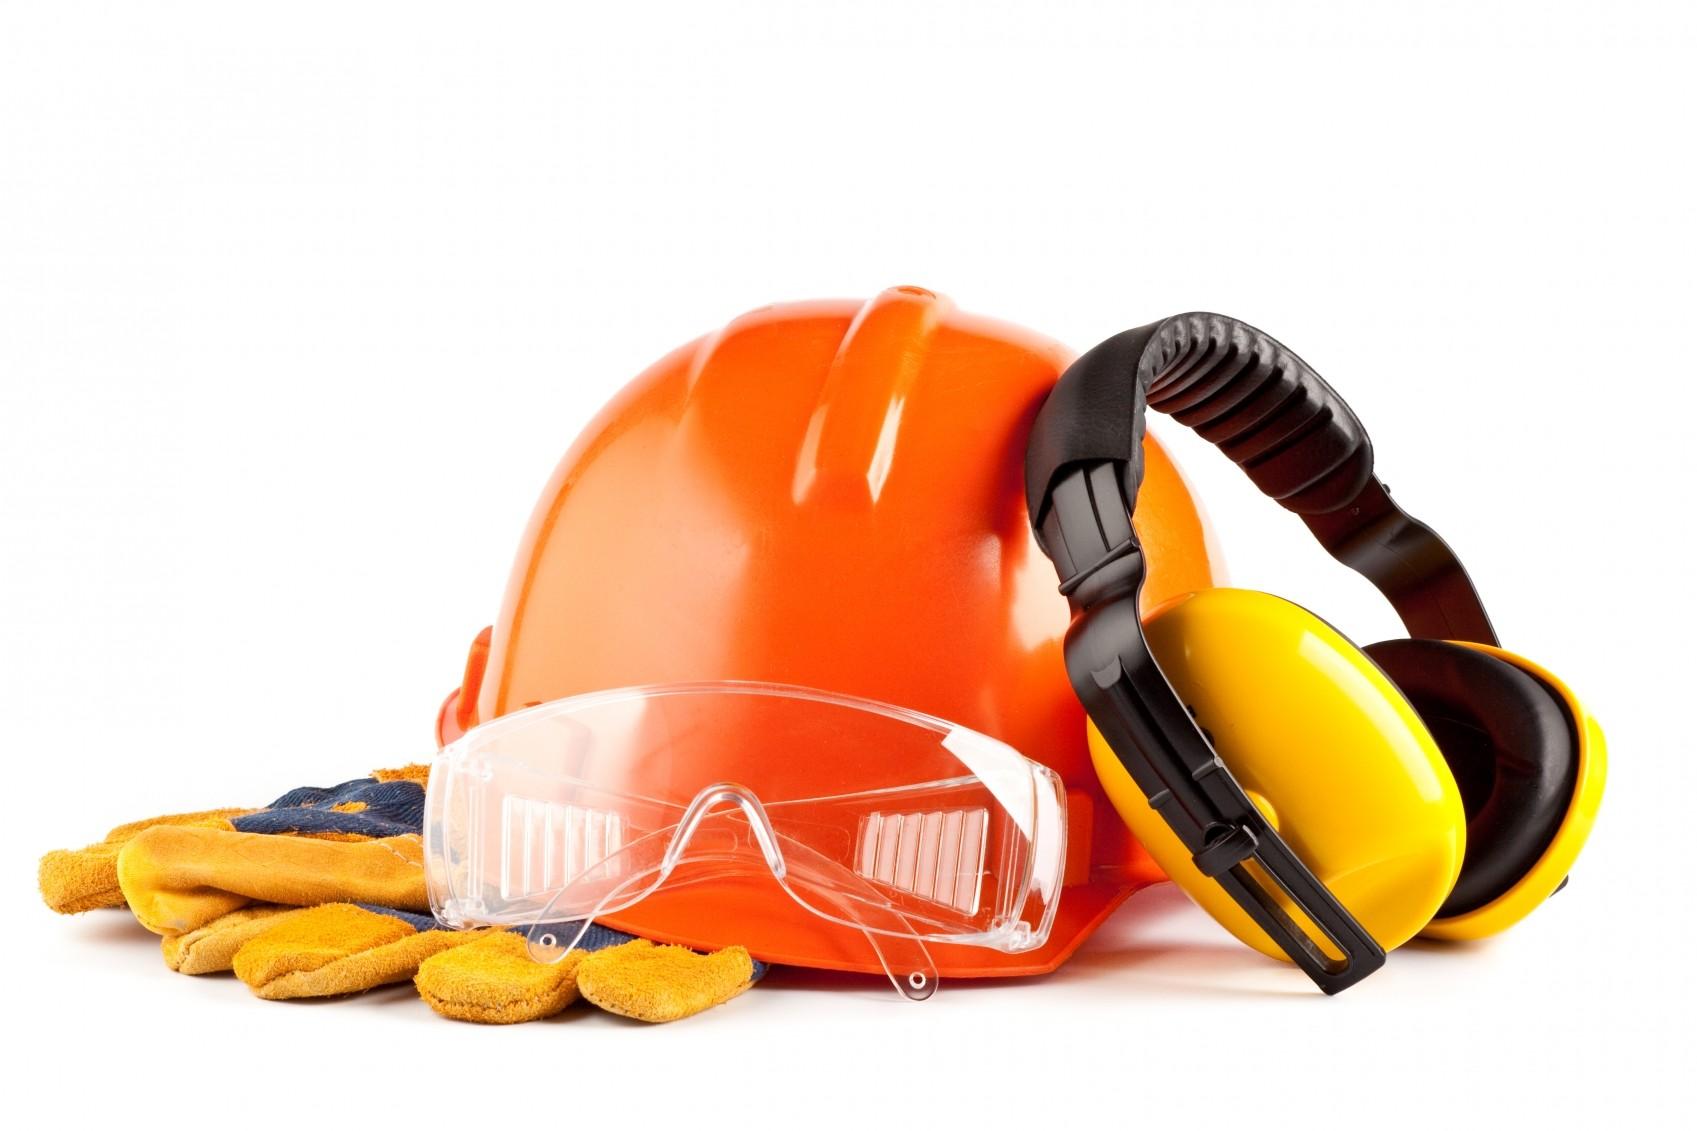 Защитные средства при демонтаже